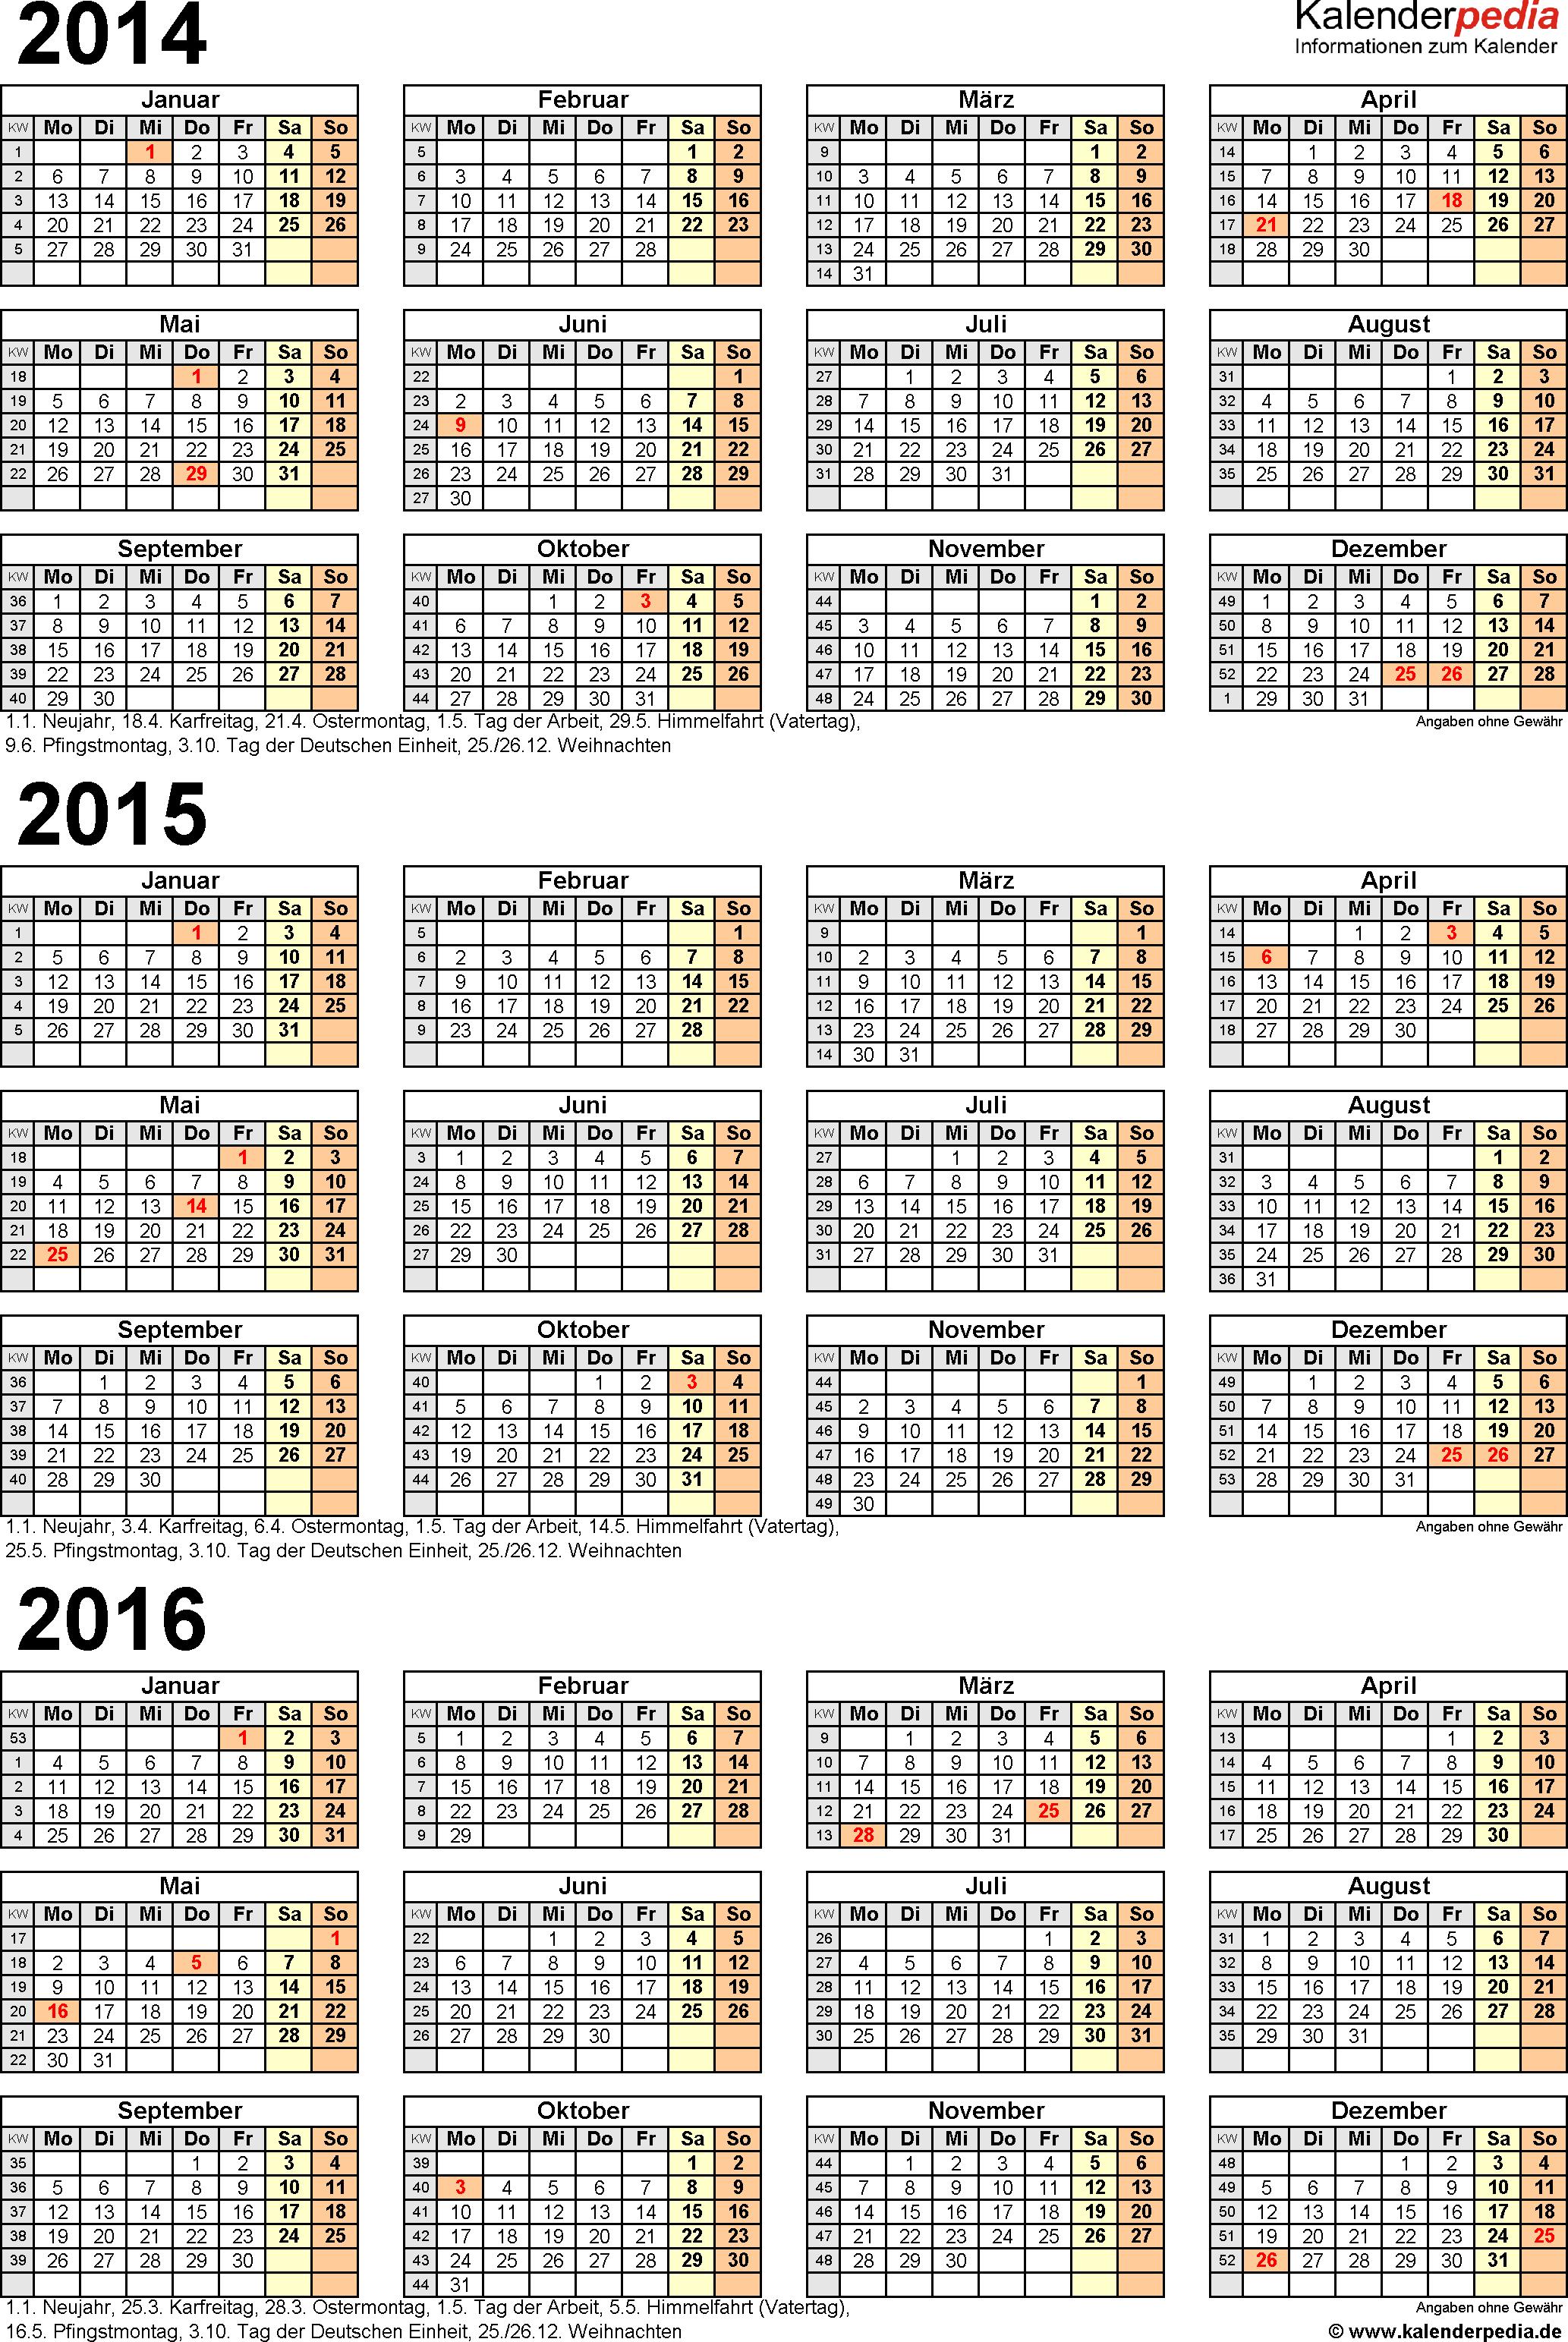 PDF-Vorlage für Dreijahreskalender 2014-2016 (Hochformat, 1 Seite)